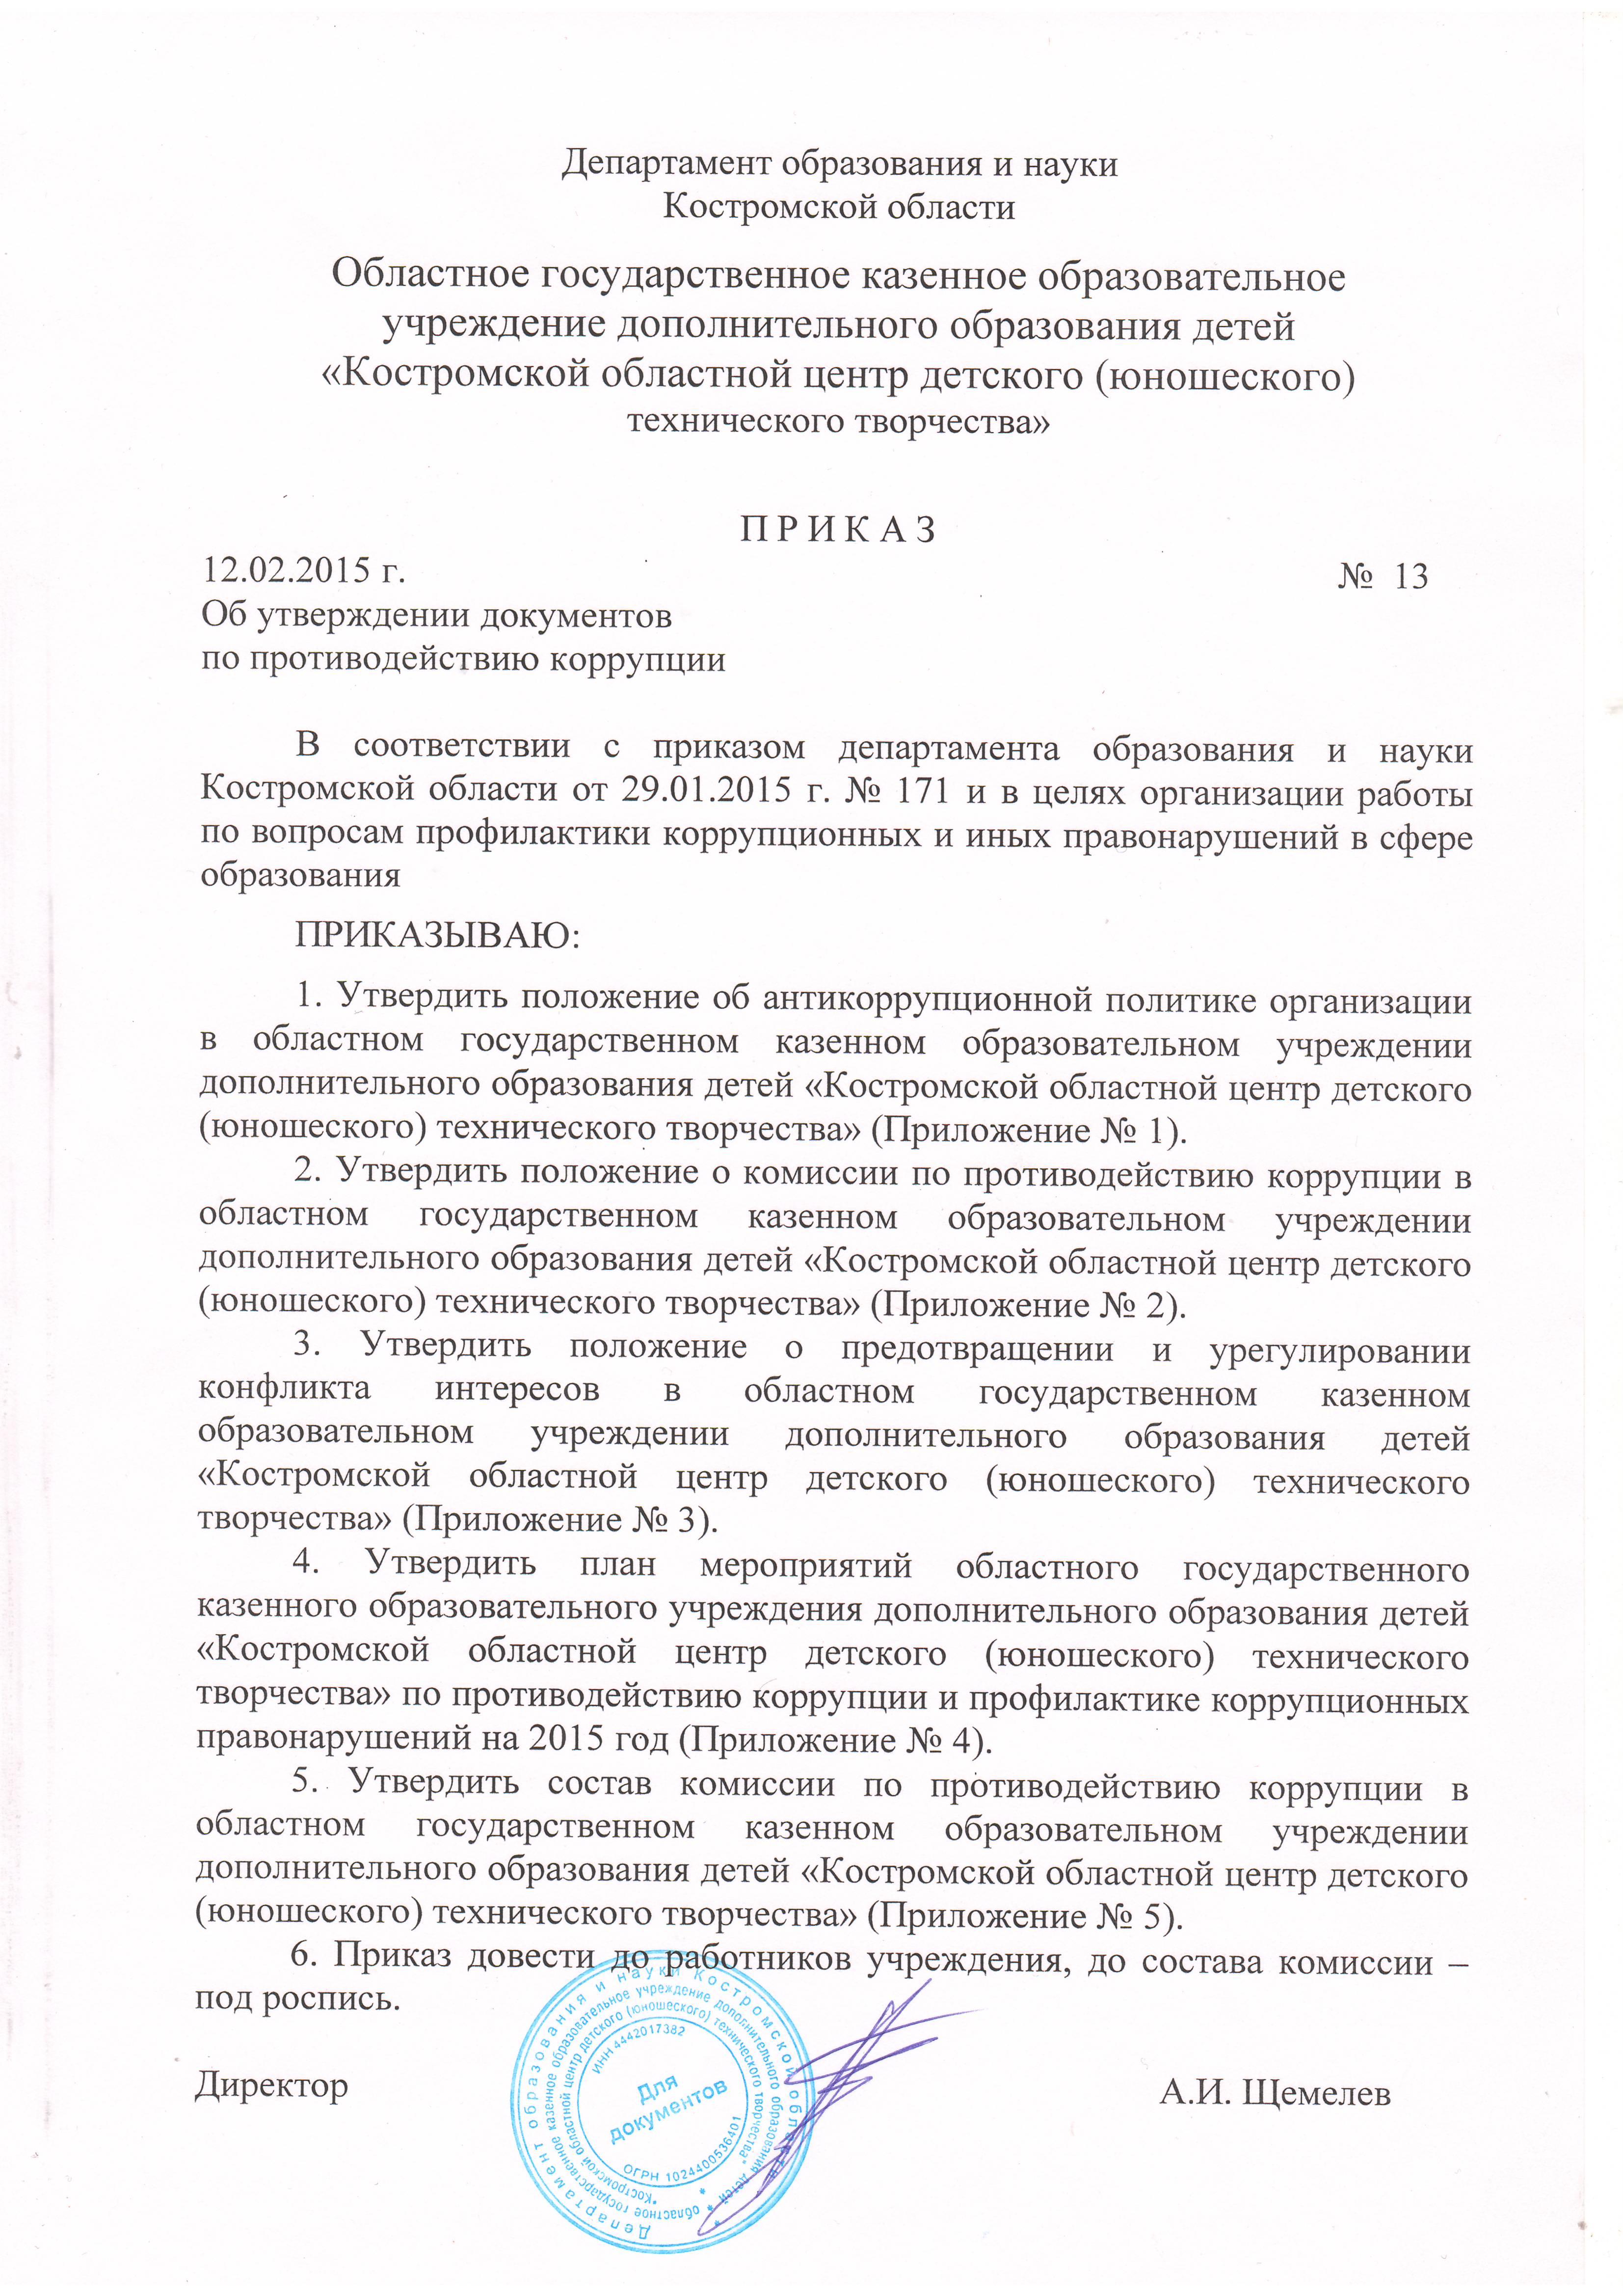 образовательном учреждении дополнительного образования детей Костромс